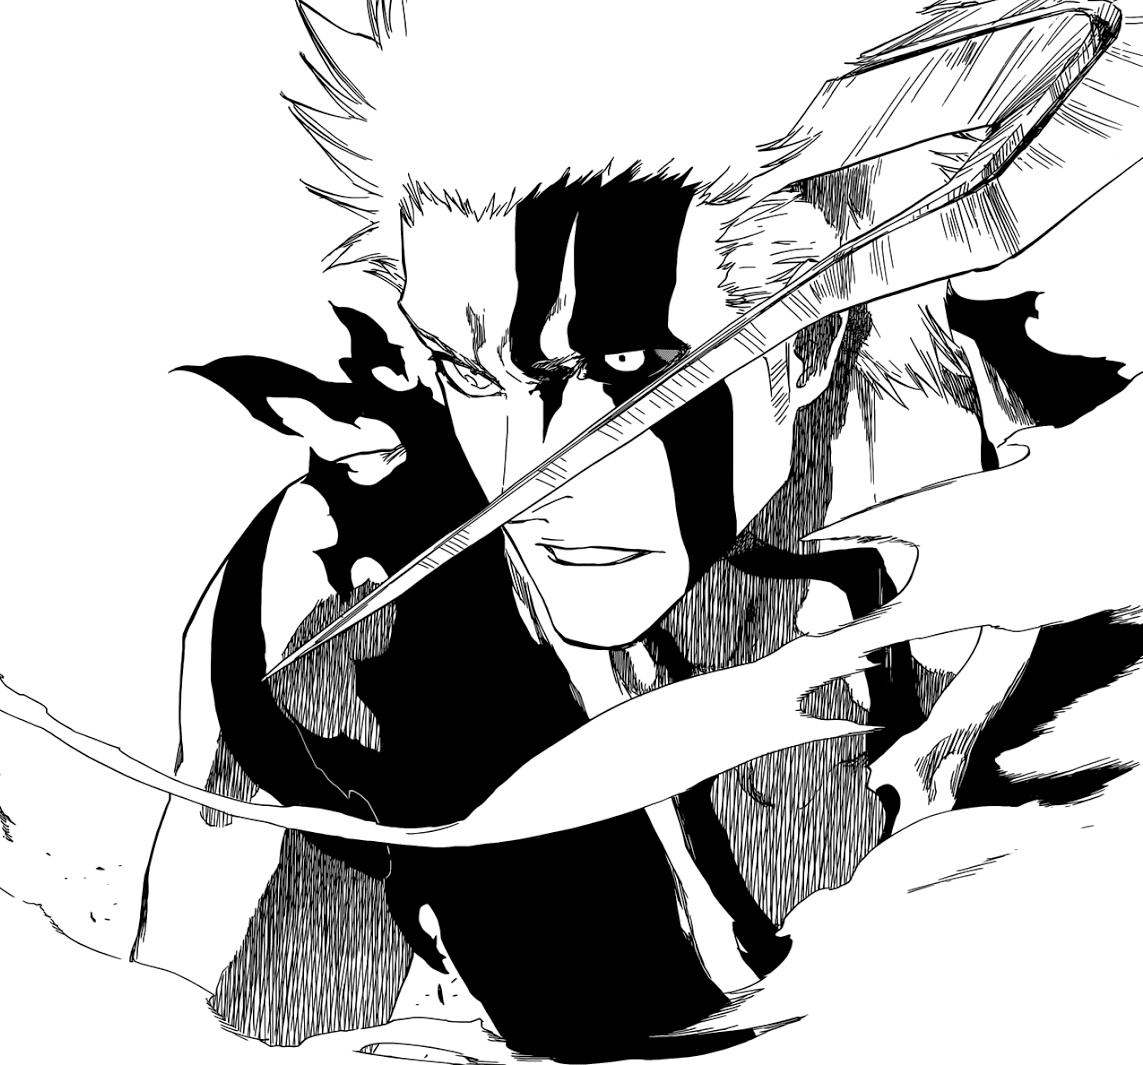 ichigo kurosaki reveals new form in bleach manga chapter 675